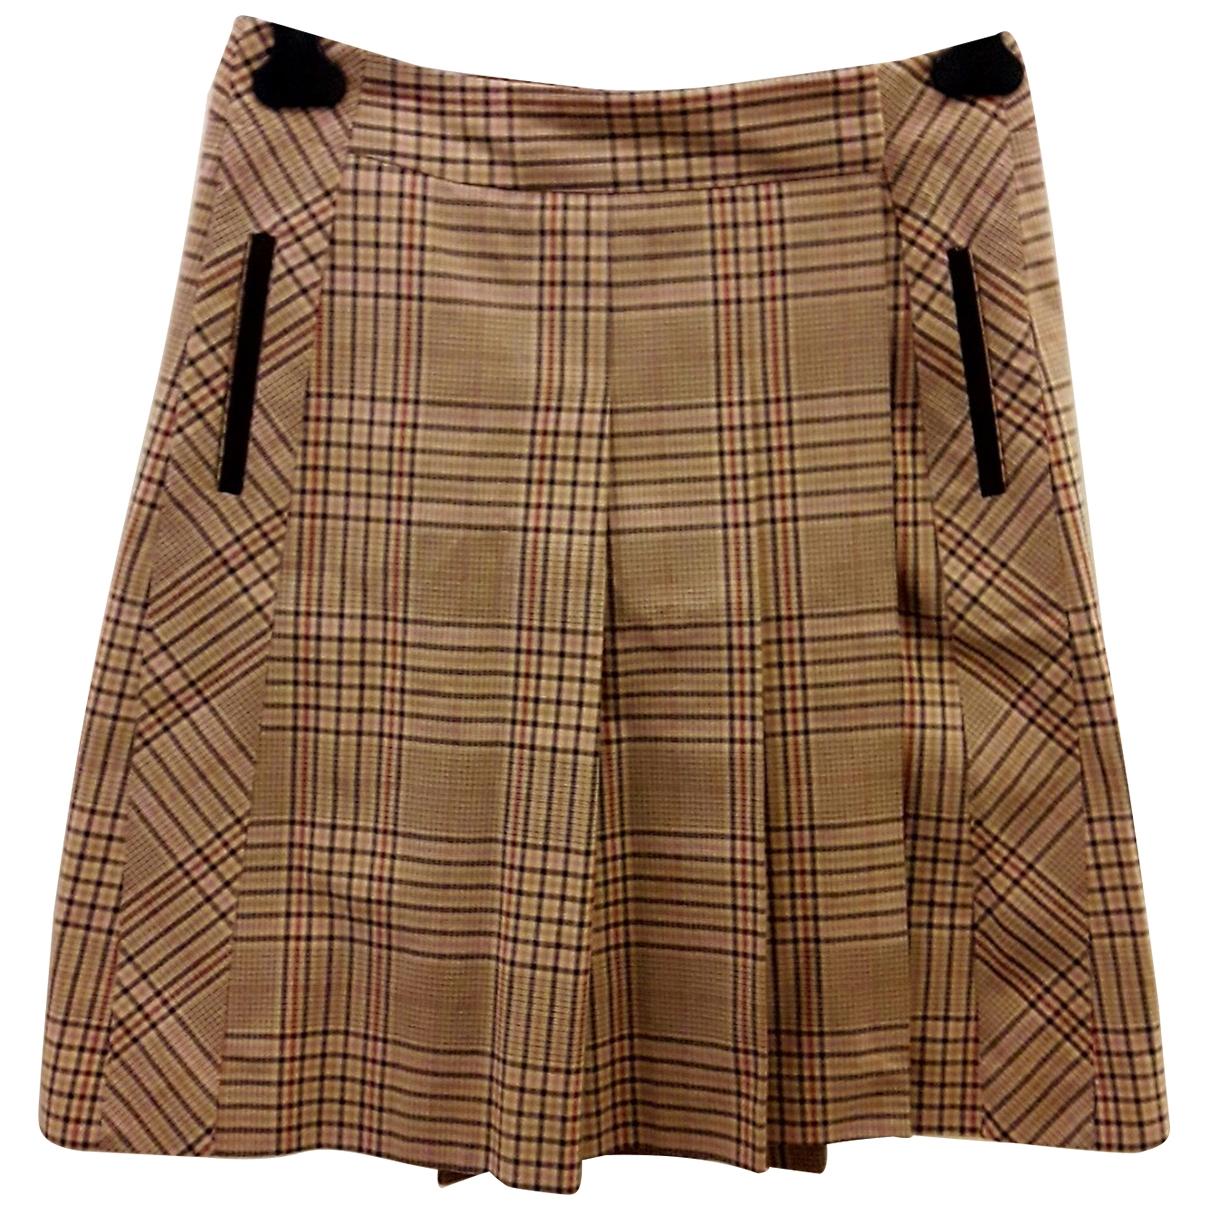 Diane Von Furstenberg \N Beige Cotton skirt for Women 8 UK